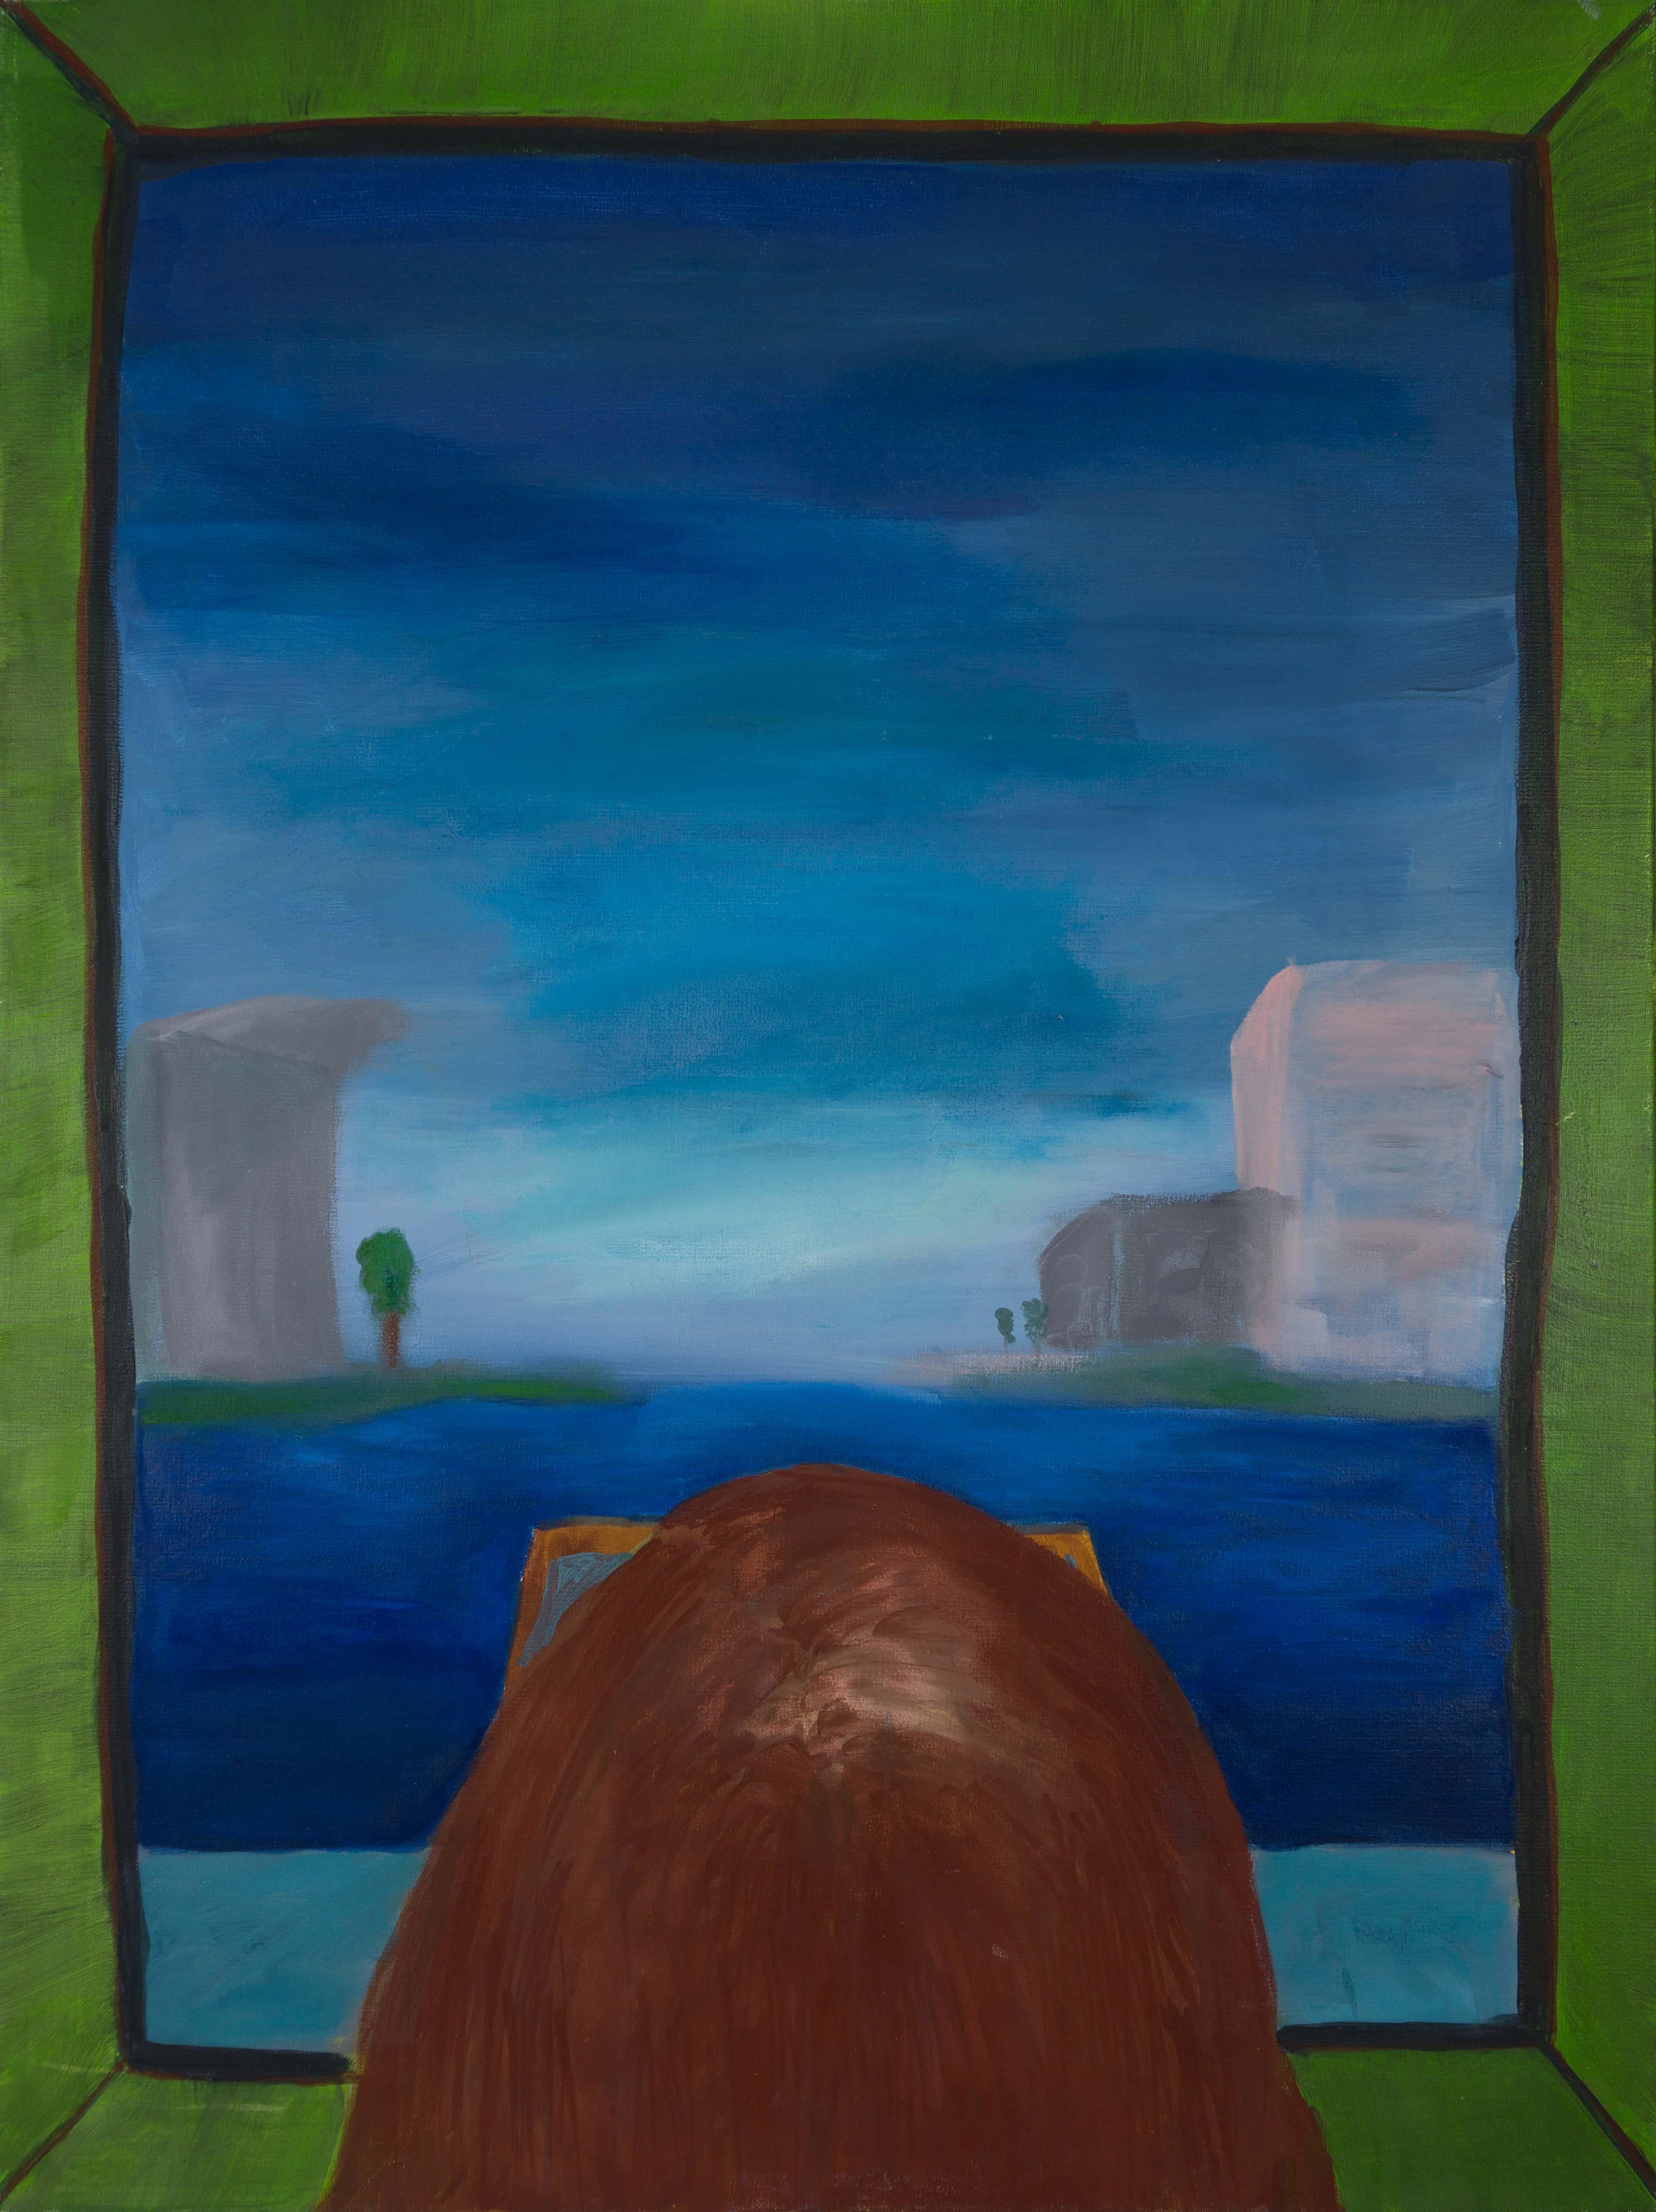 Malerei, Öl auf Leinwand, 80cm x 100cm, Menschenkopf von hinten blickt durch Fenster auf abstrahierte Landschaft, artist: Franziska King